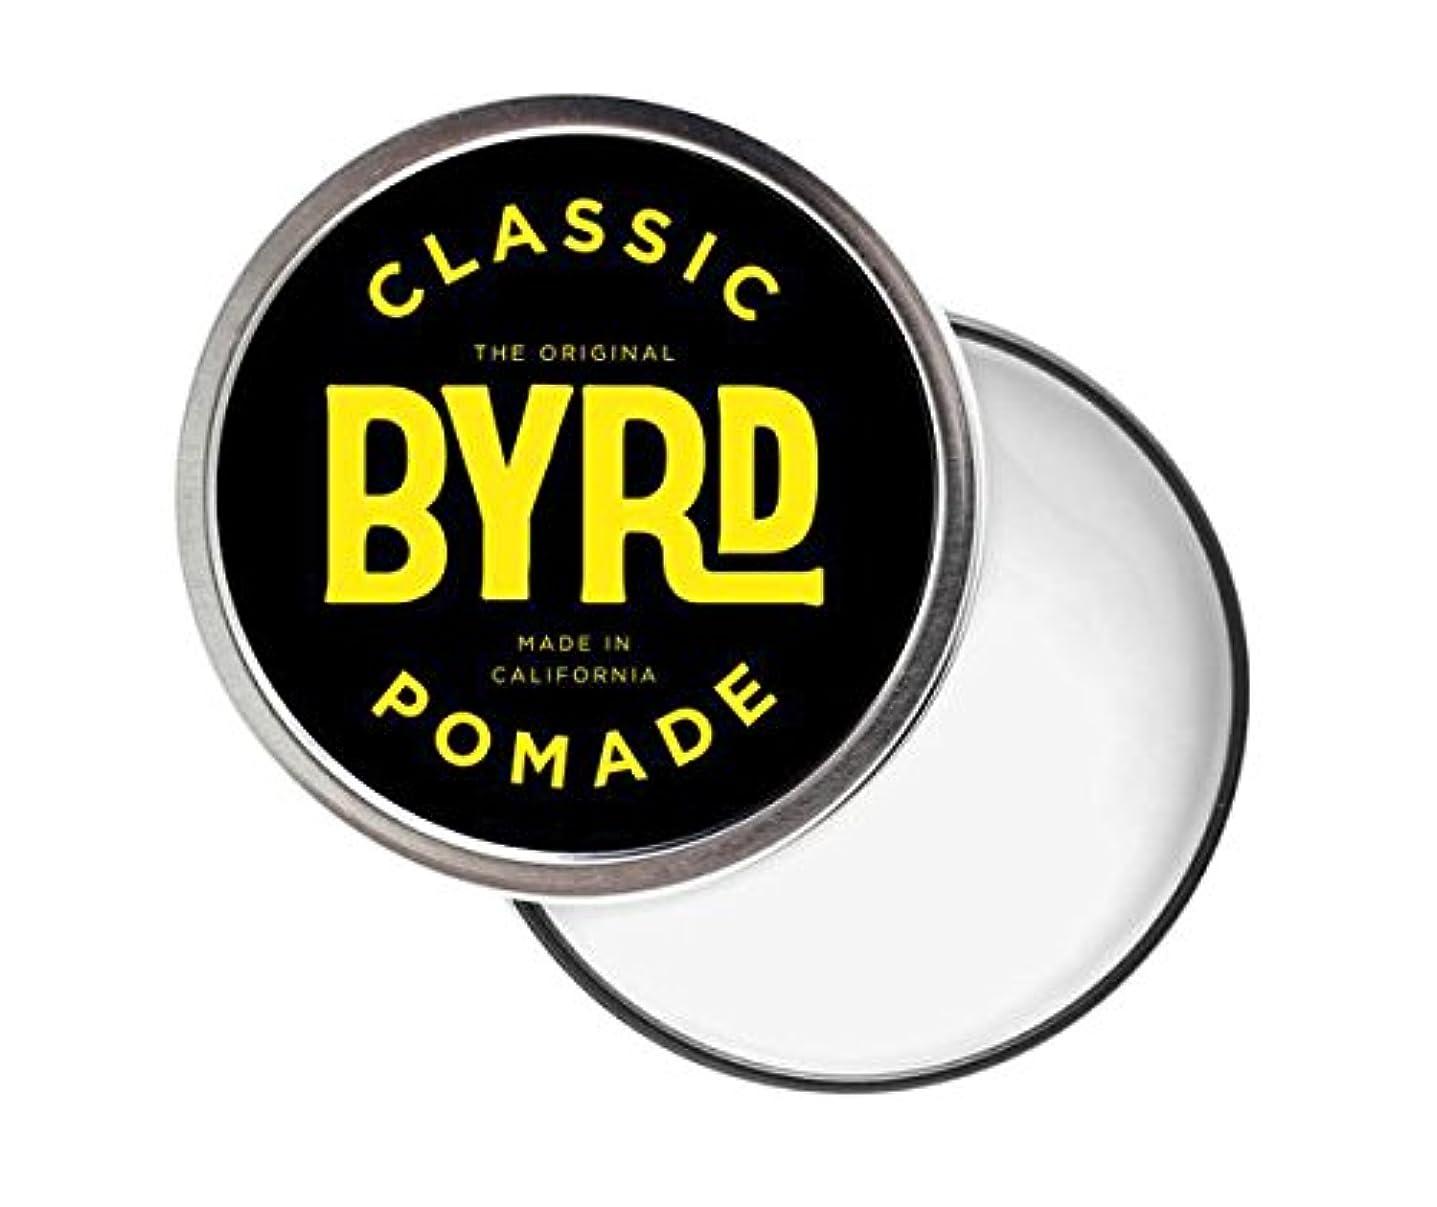 分割み支配するBYRD(バード) クラシックポマード 42g